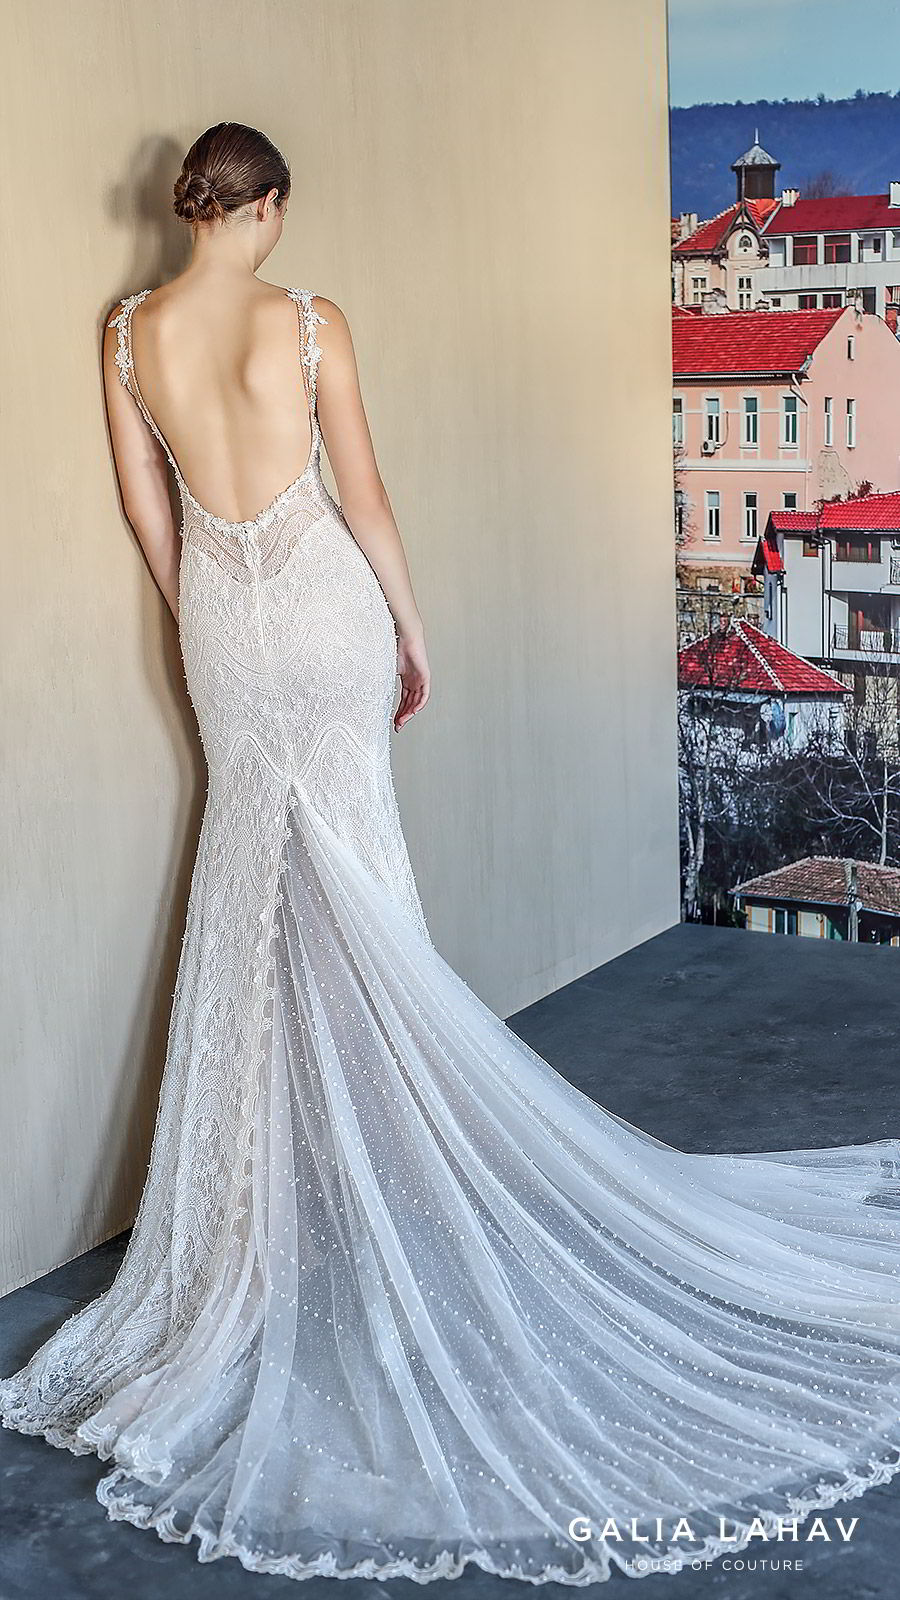 galia lahav fall 2019 bridal sleeveless plunging v neckline fully embellished lace sheath wedding dress low back chapel train (amani) bv